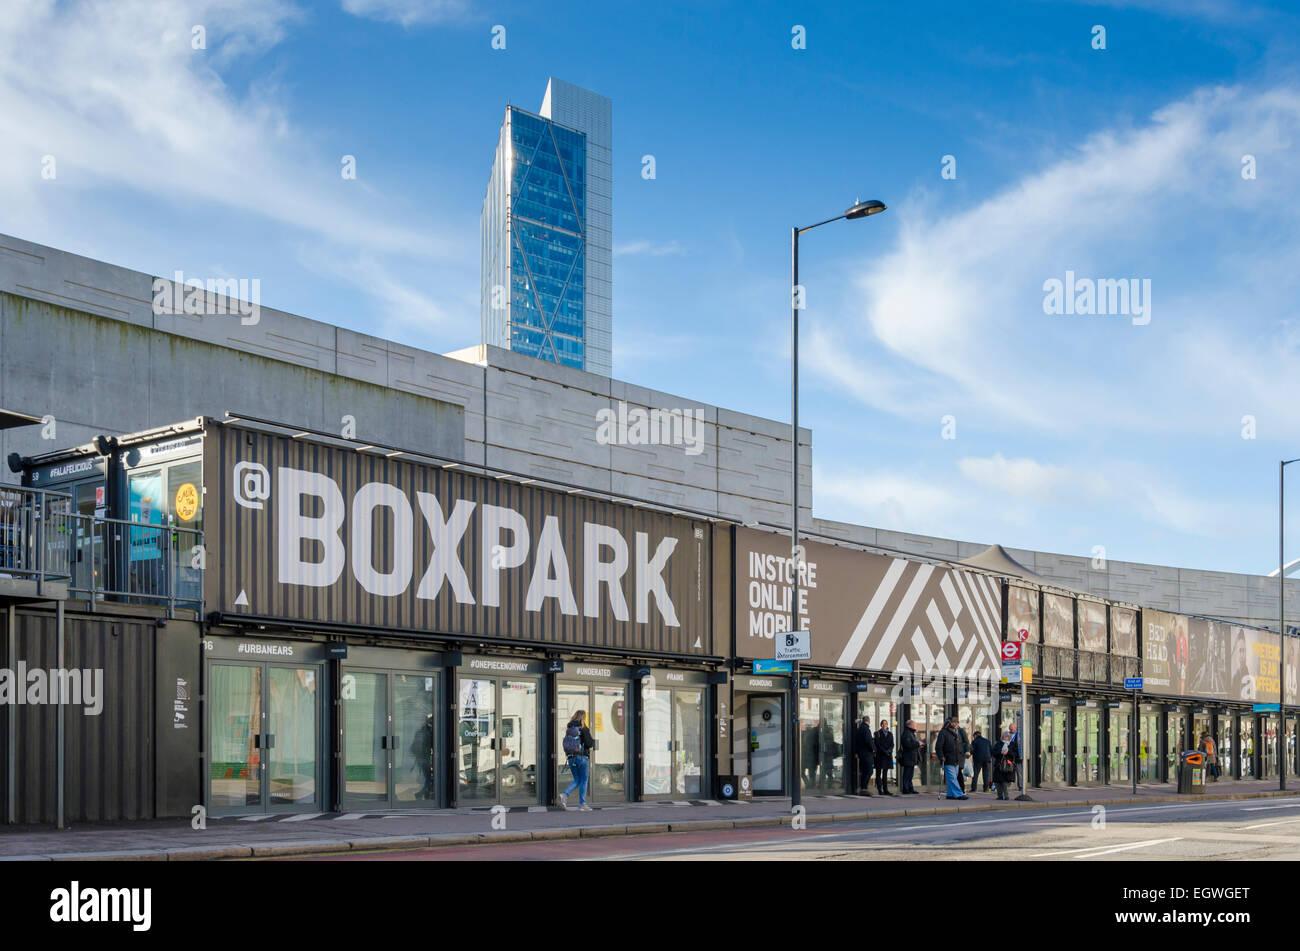 Boxpark, East London, UK Stockbild